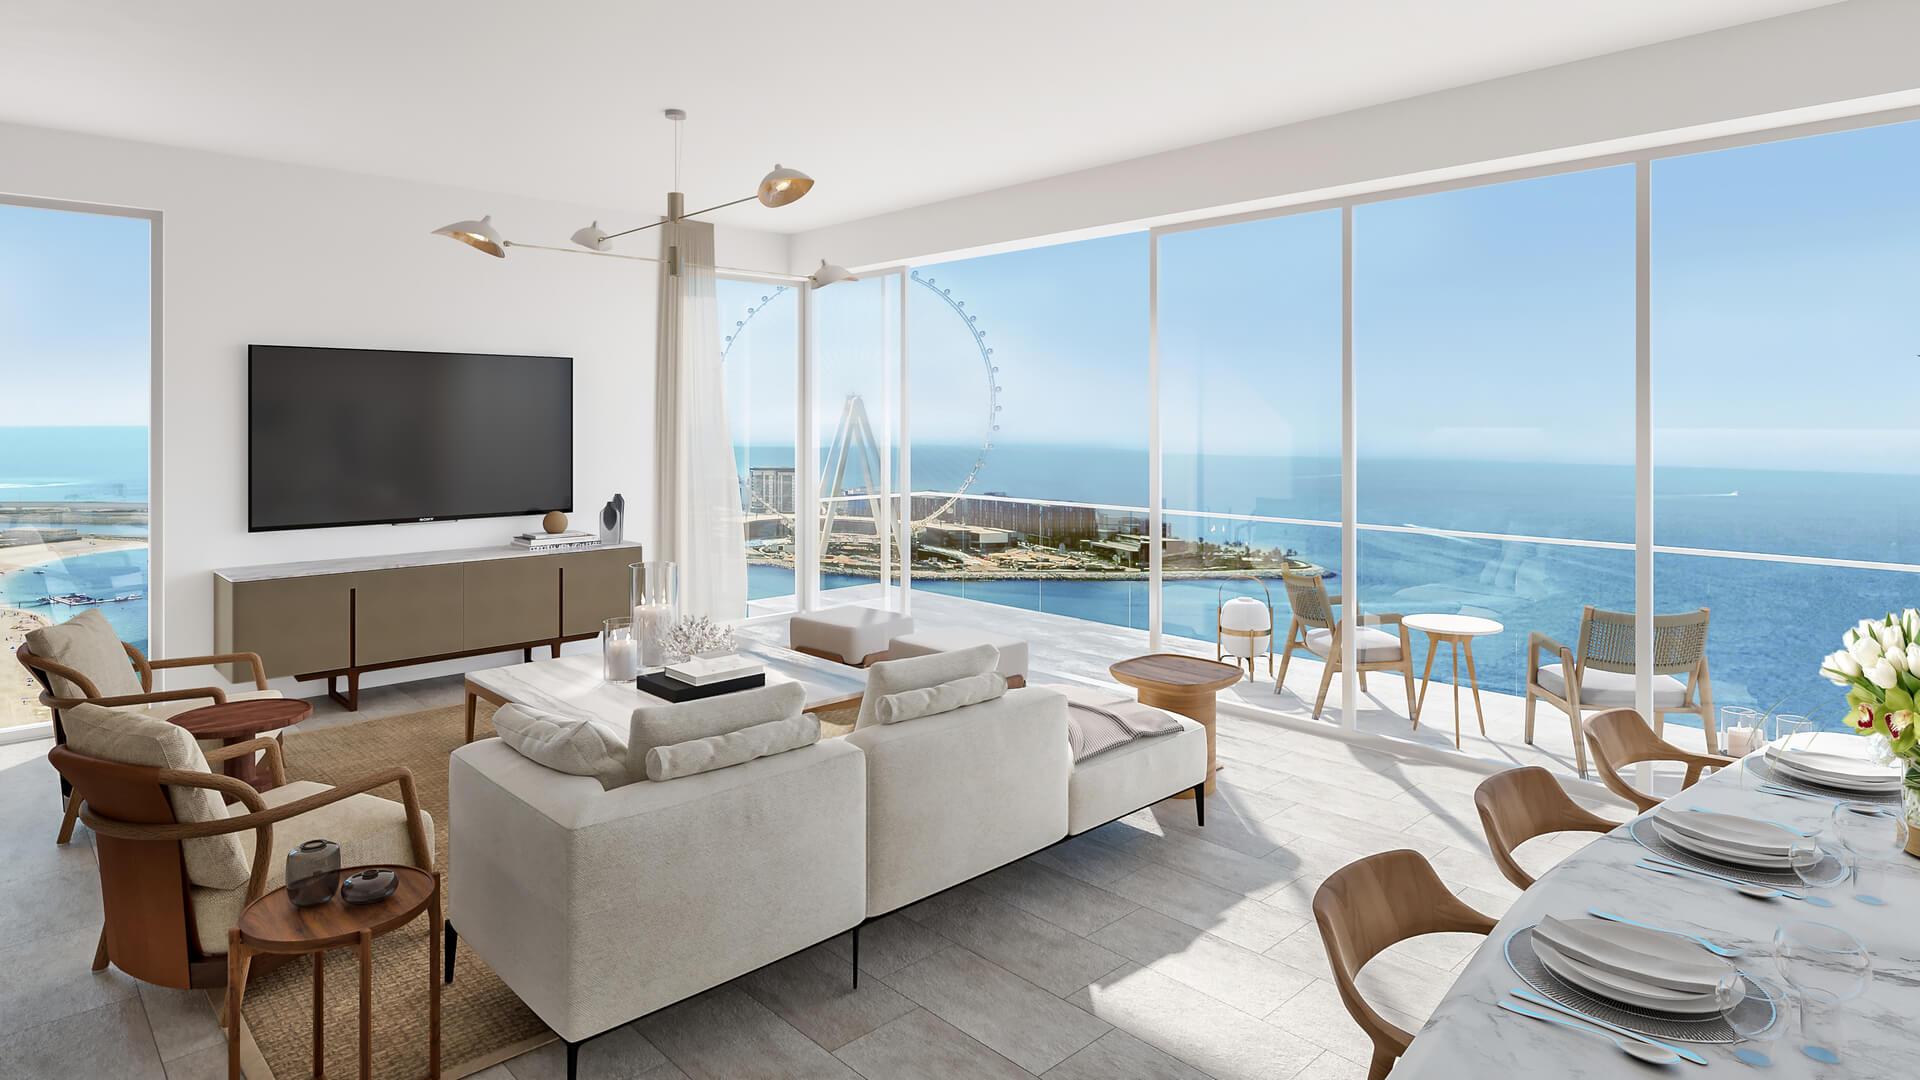 Apartamento en venta en Dubai, EAU, 4 dormitorios, 186 m2, № 24552 – foto 1